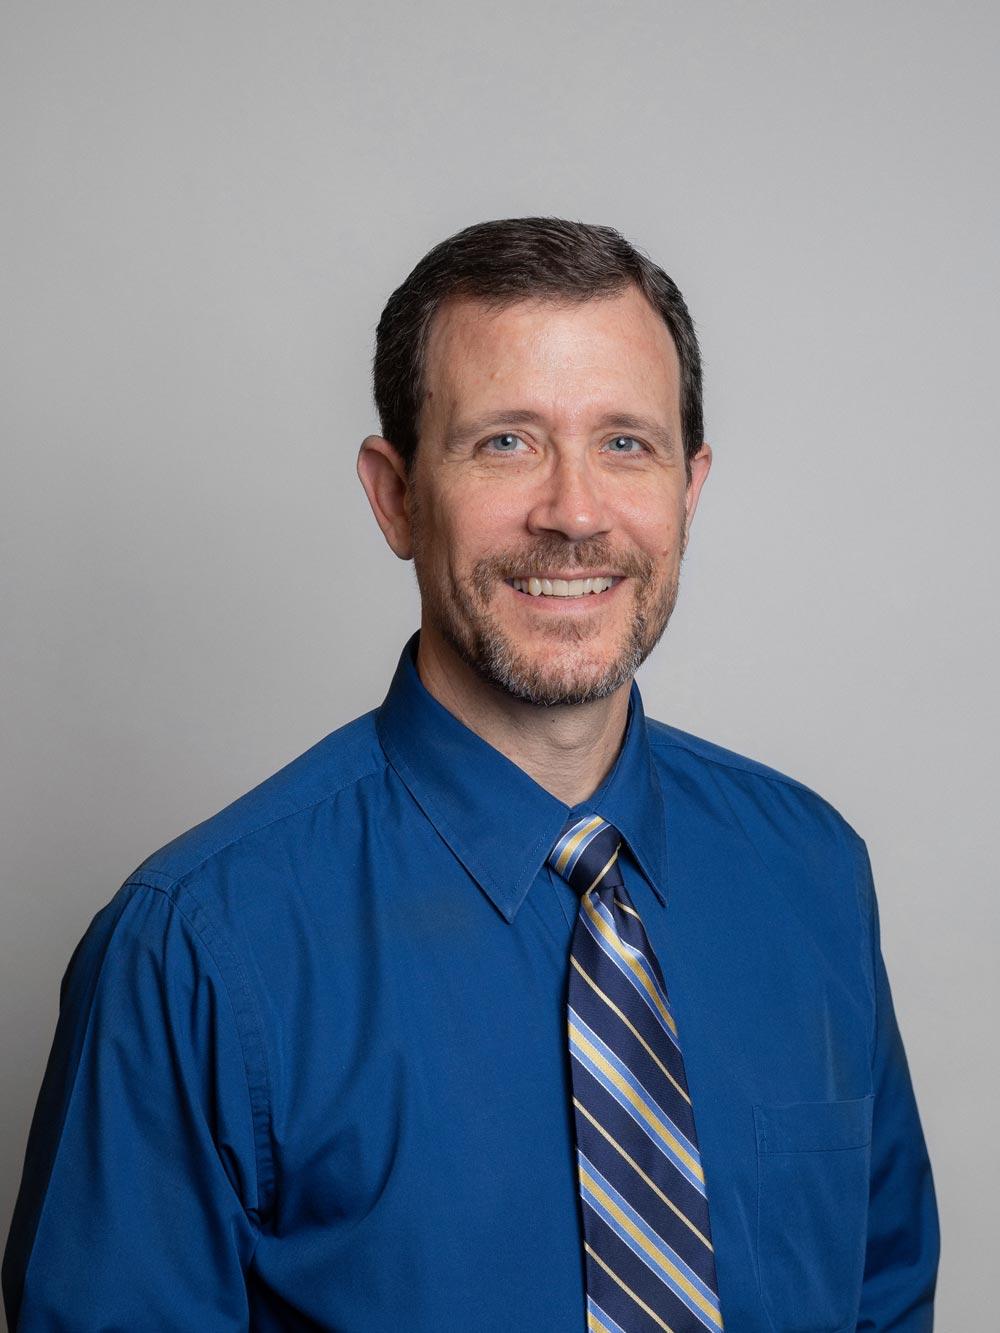 Jeff A. Frederick, MHS, PA-C